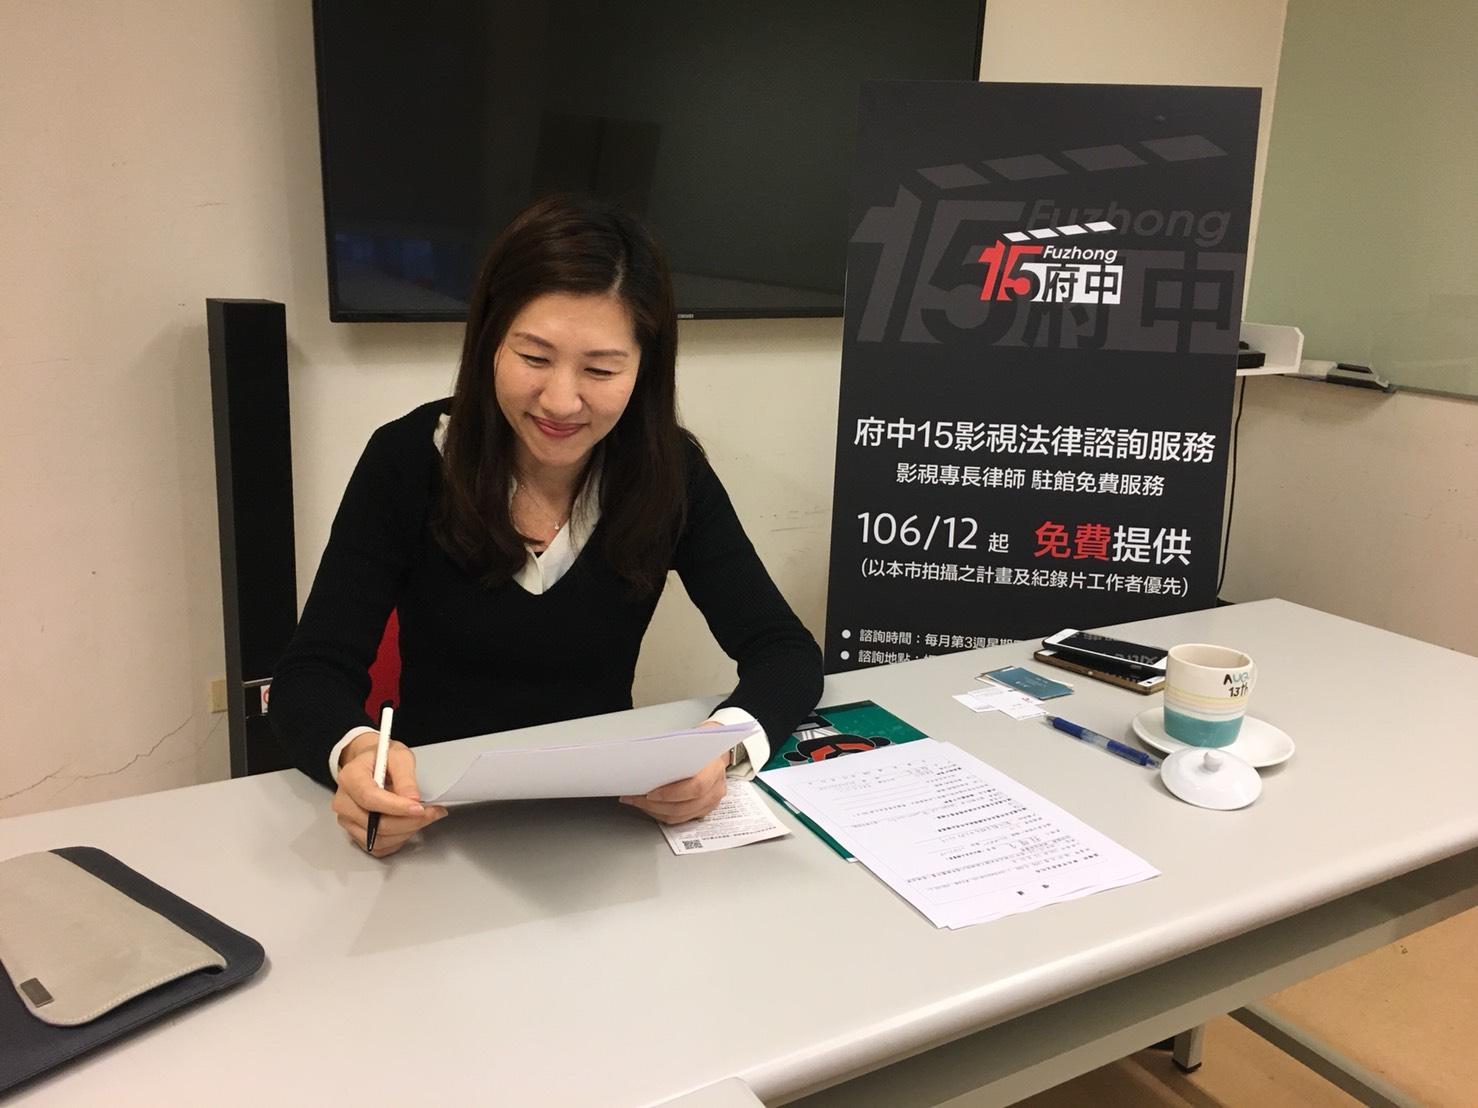 府中15推影視新服務  專業律師提供免費影視法律諮詢